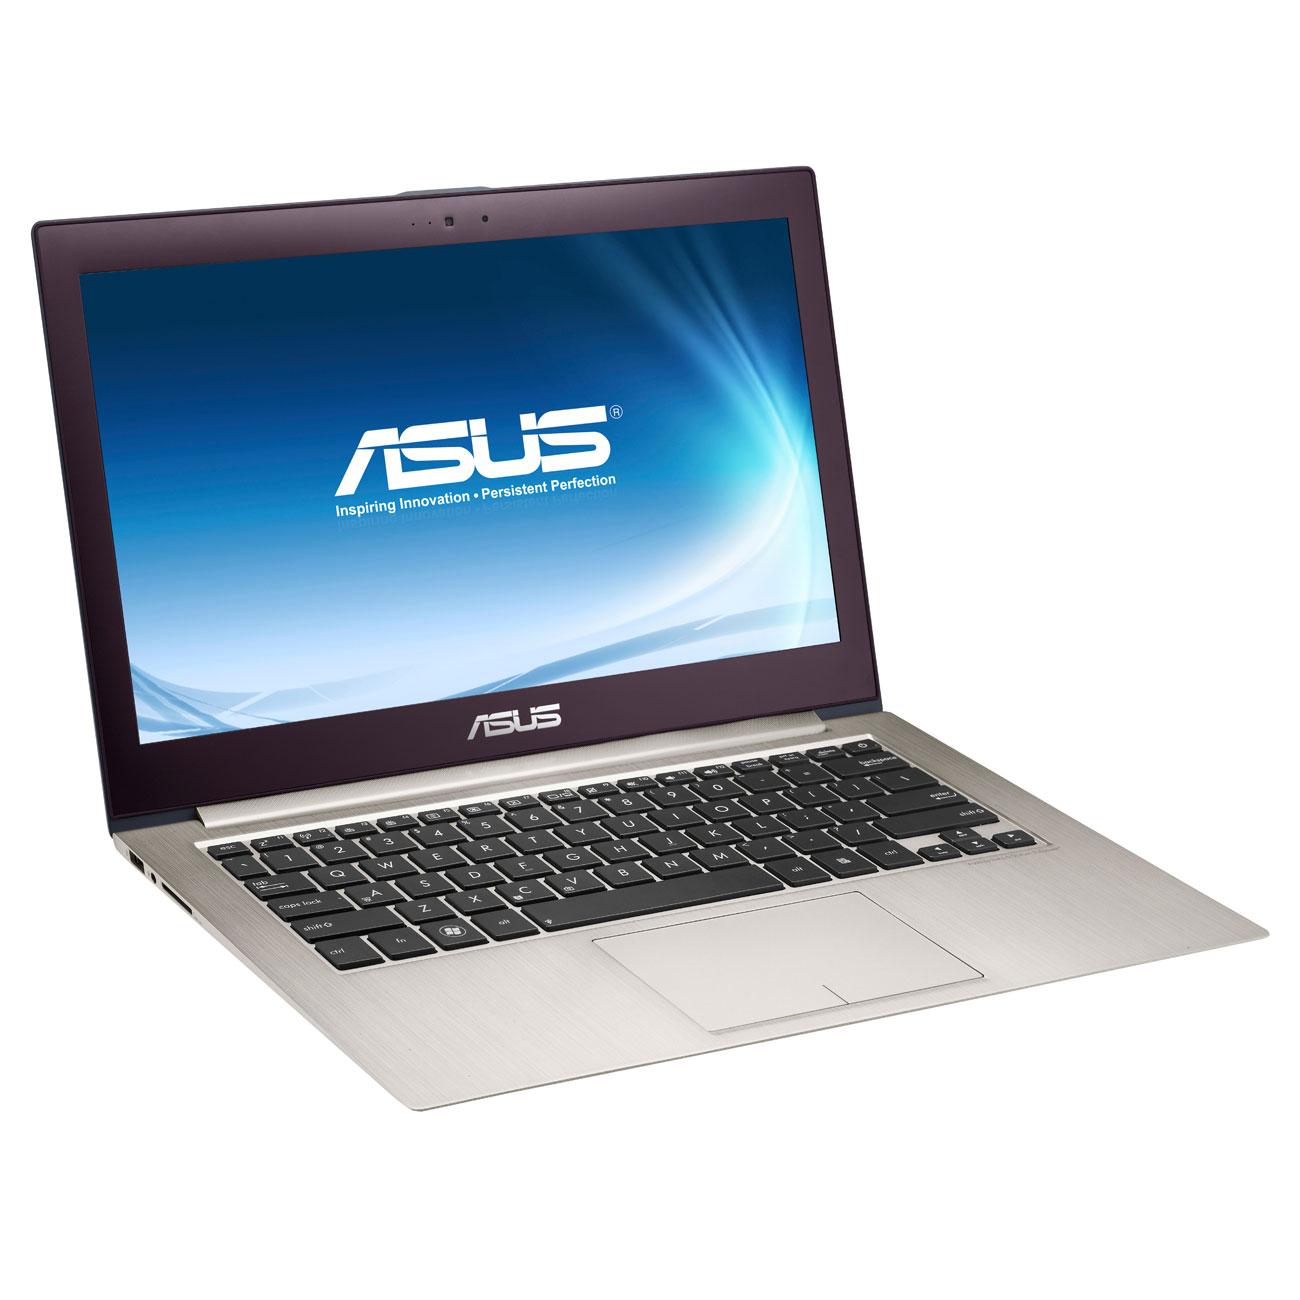 """PC portable ASUS ZenBook Prime UX31A-R4003X Intel Core i7-3517U 4 Go SSD 256 Go 13.3"""" LED Wi-Fi N/Bluetooth Webcam Windows 7 Professionnel 64 bits (garantie constructeur 2 ans)"""